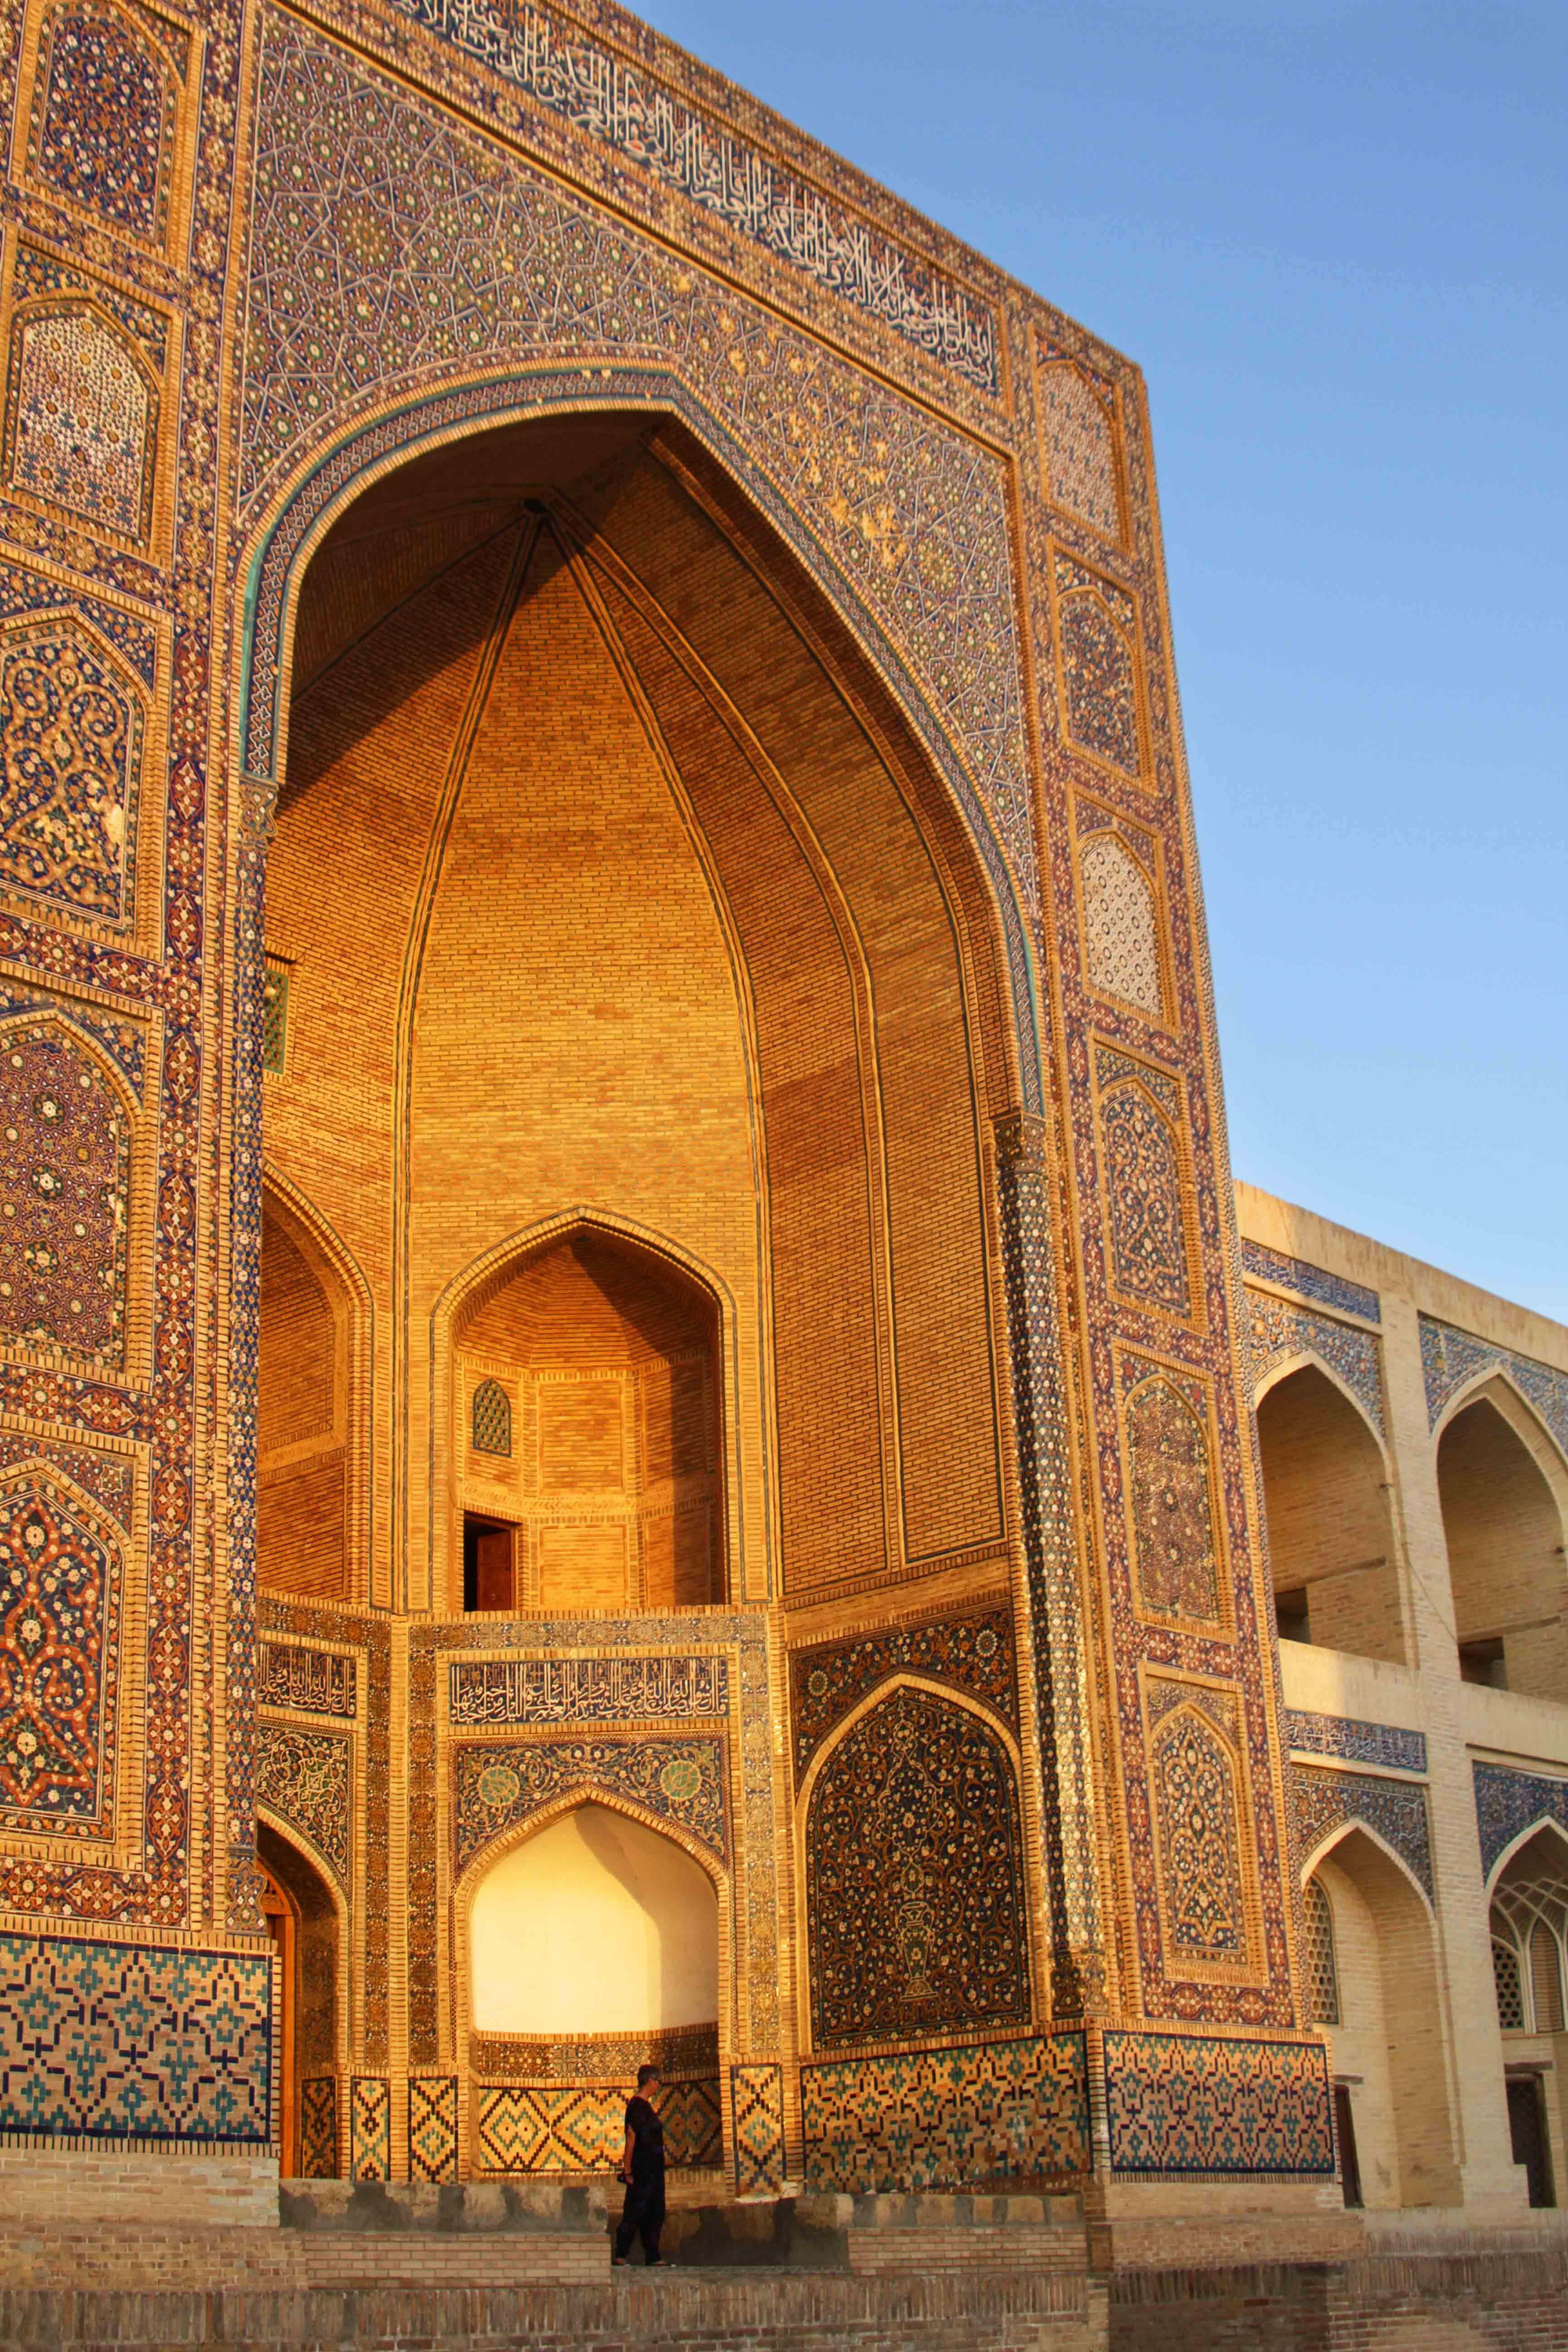 Uzbekistan photos